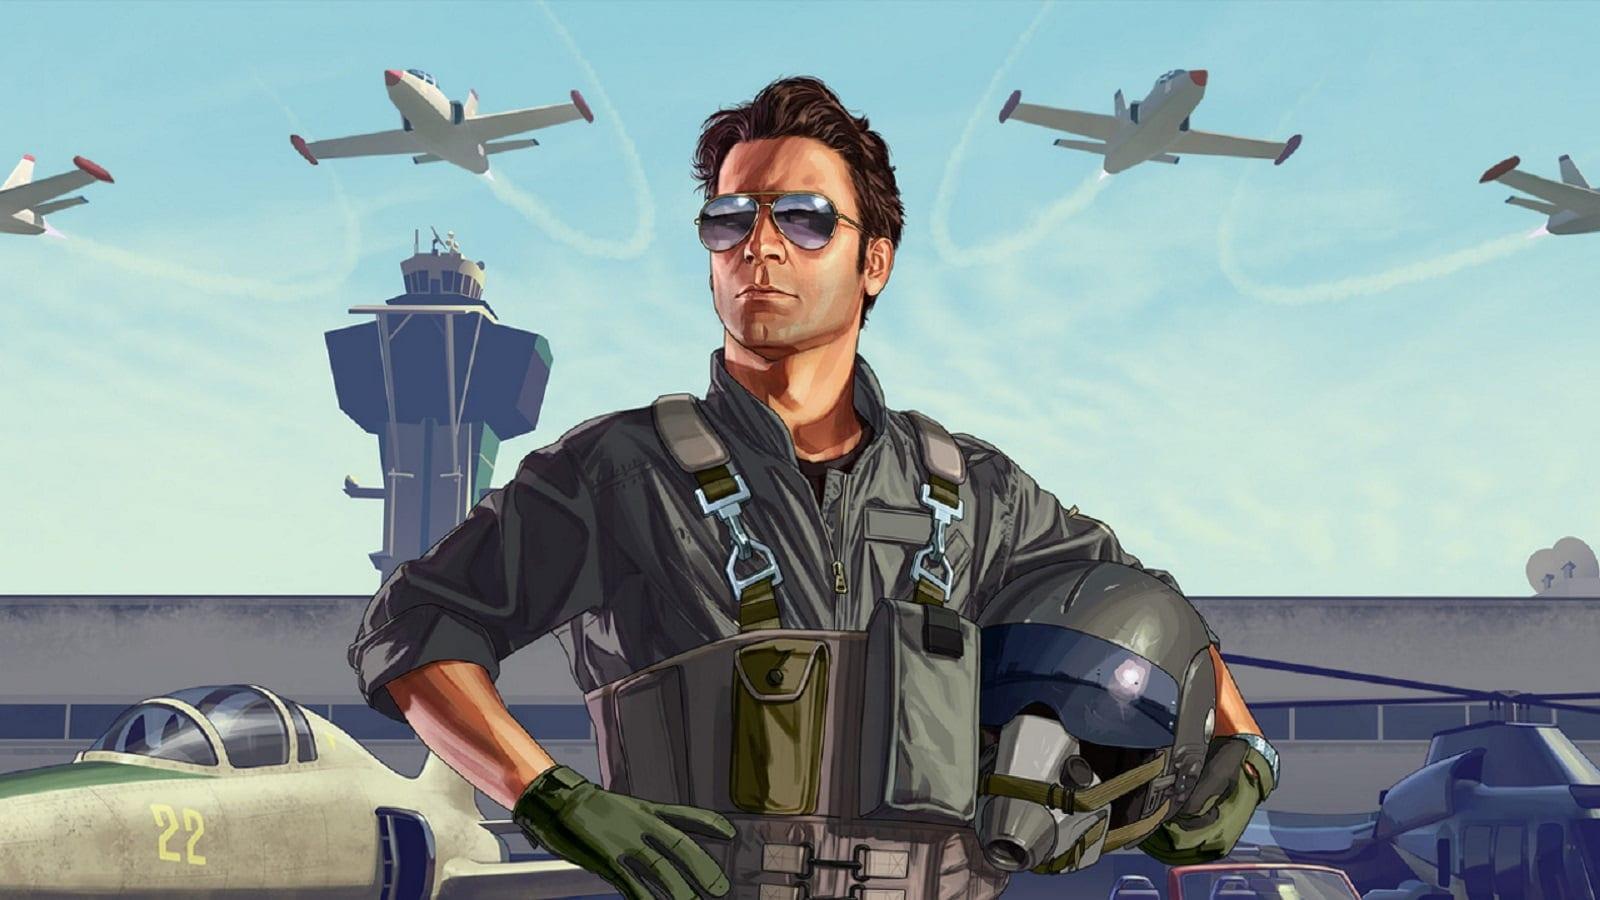 Хотели как лучше, а получилось как всегда: Как пожаловаться на читера в Grand Theft Auto V